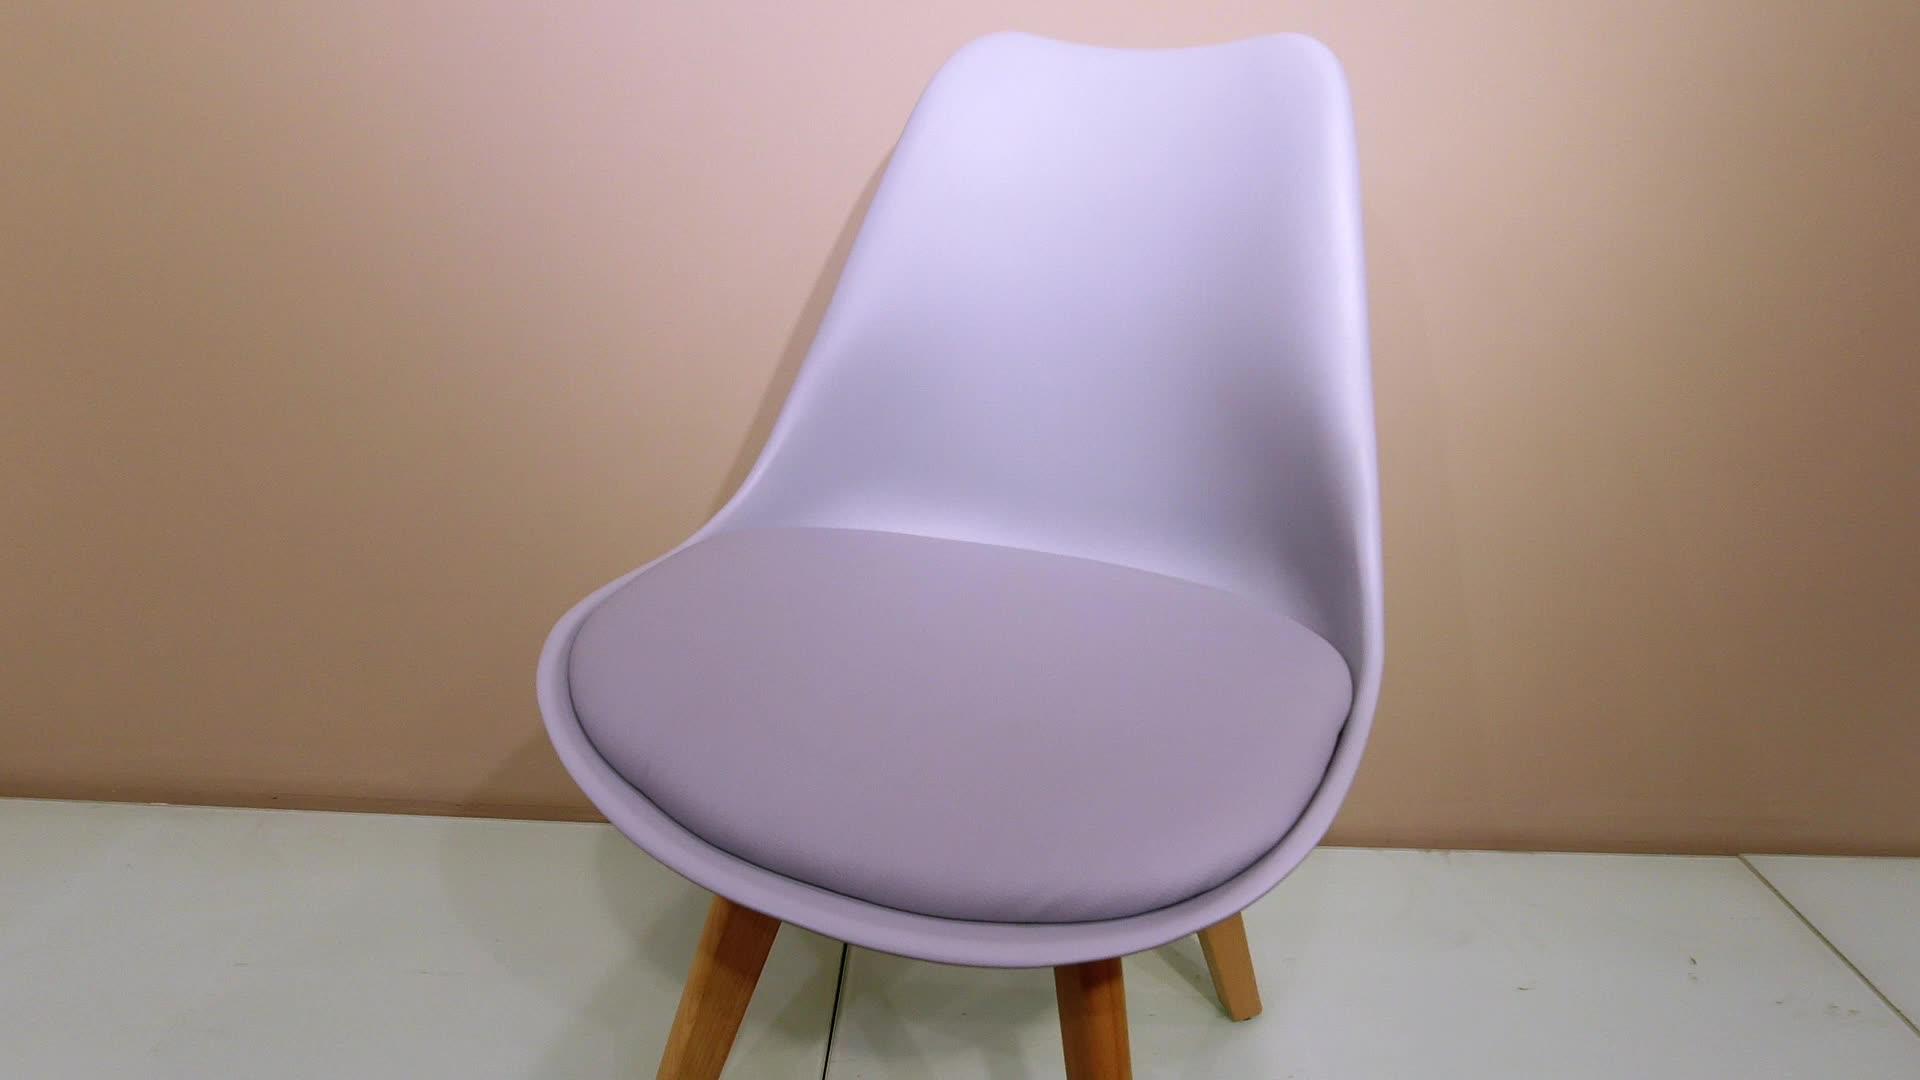 Großhandel preis hohe qualität farbige cafe kunststoff stühle tulpe harte pp esszimmer stuhl mit buche holz beine